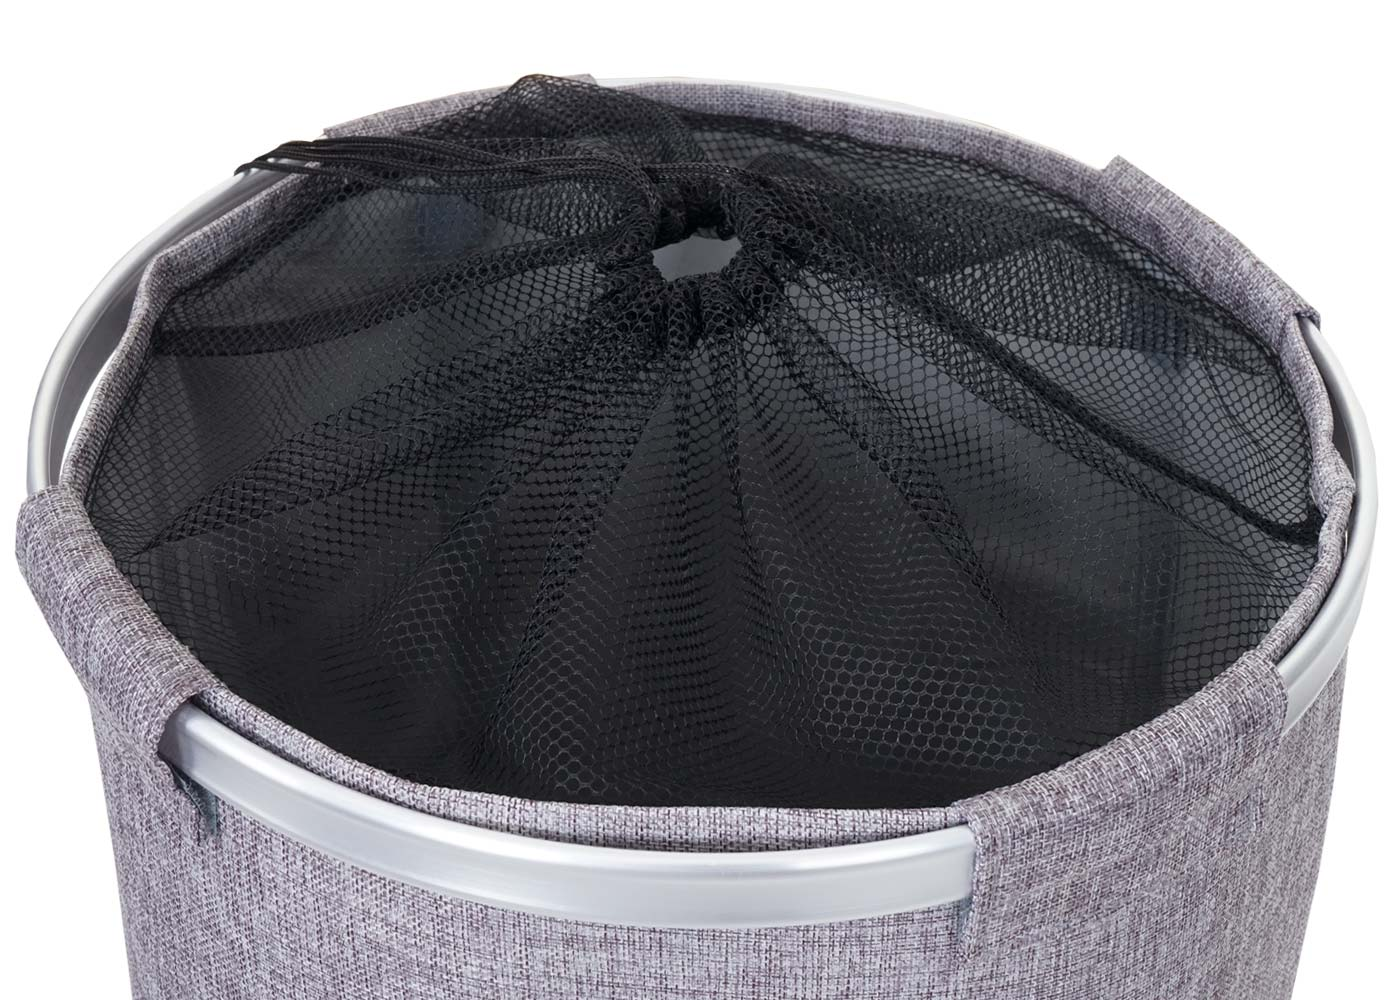 Netz geschlossen Wäschesammler HWC-C34